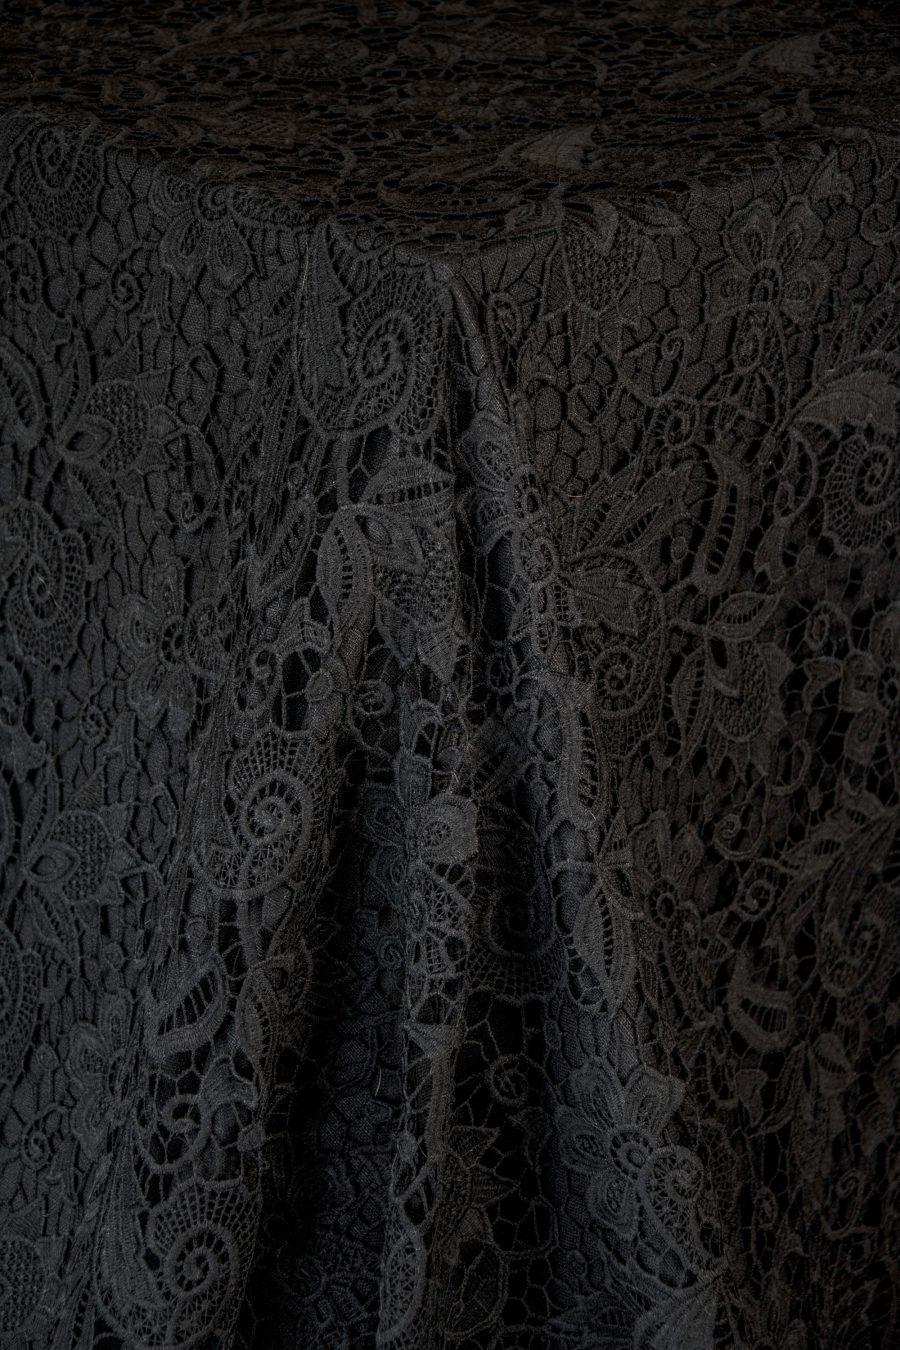 Lace-Juliette-Noir-900x1350.jpg